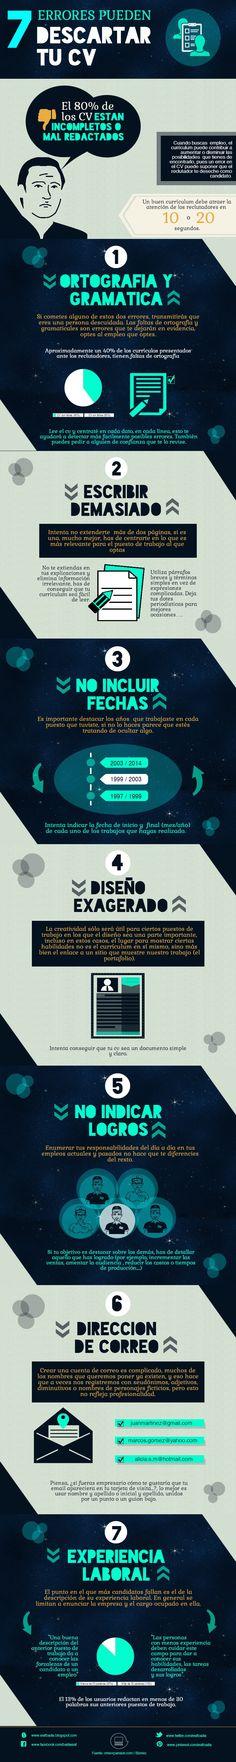 Infografia: 7 errores que pueden hacer que descarten tu currículum. #resume…